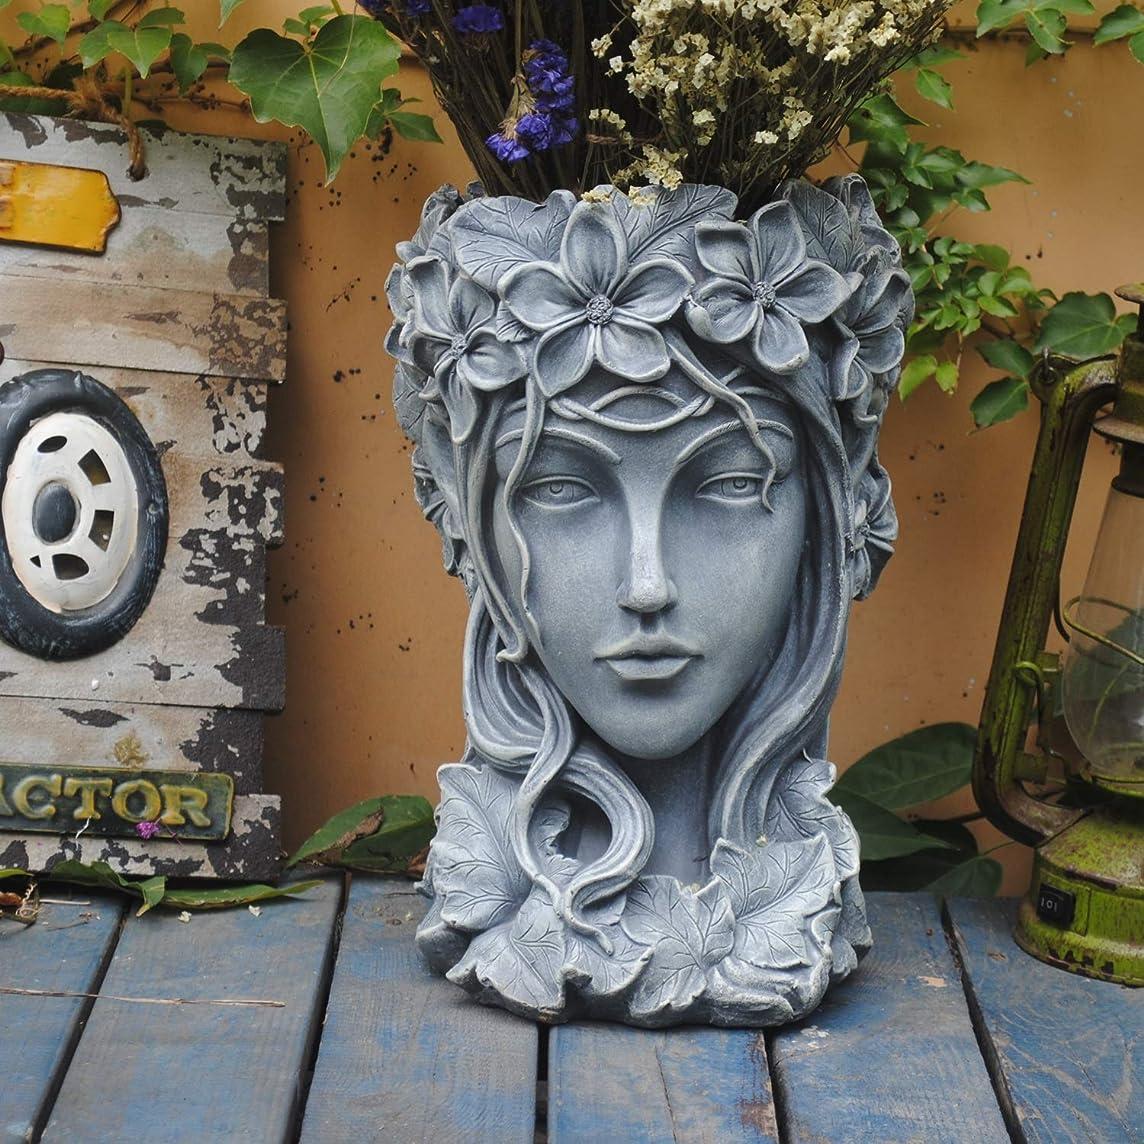 市場底土器JBMY ギリシャの女神ヘッドフラワーポット大口径クリエイティブ大きなジューシーな花は、北欧のビーナス像バルコニー装飾スタンド (Color : Gray)